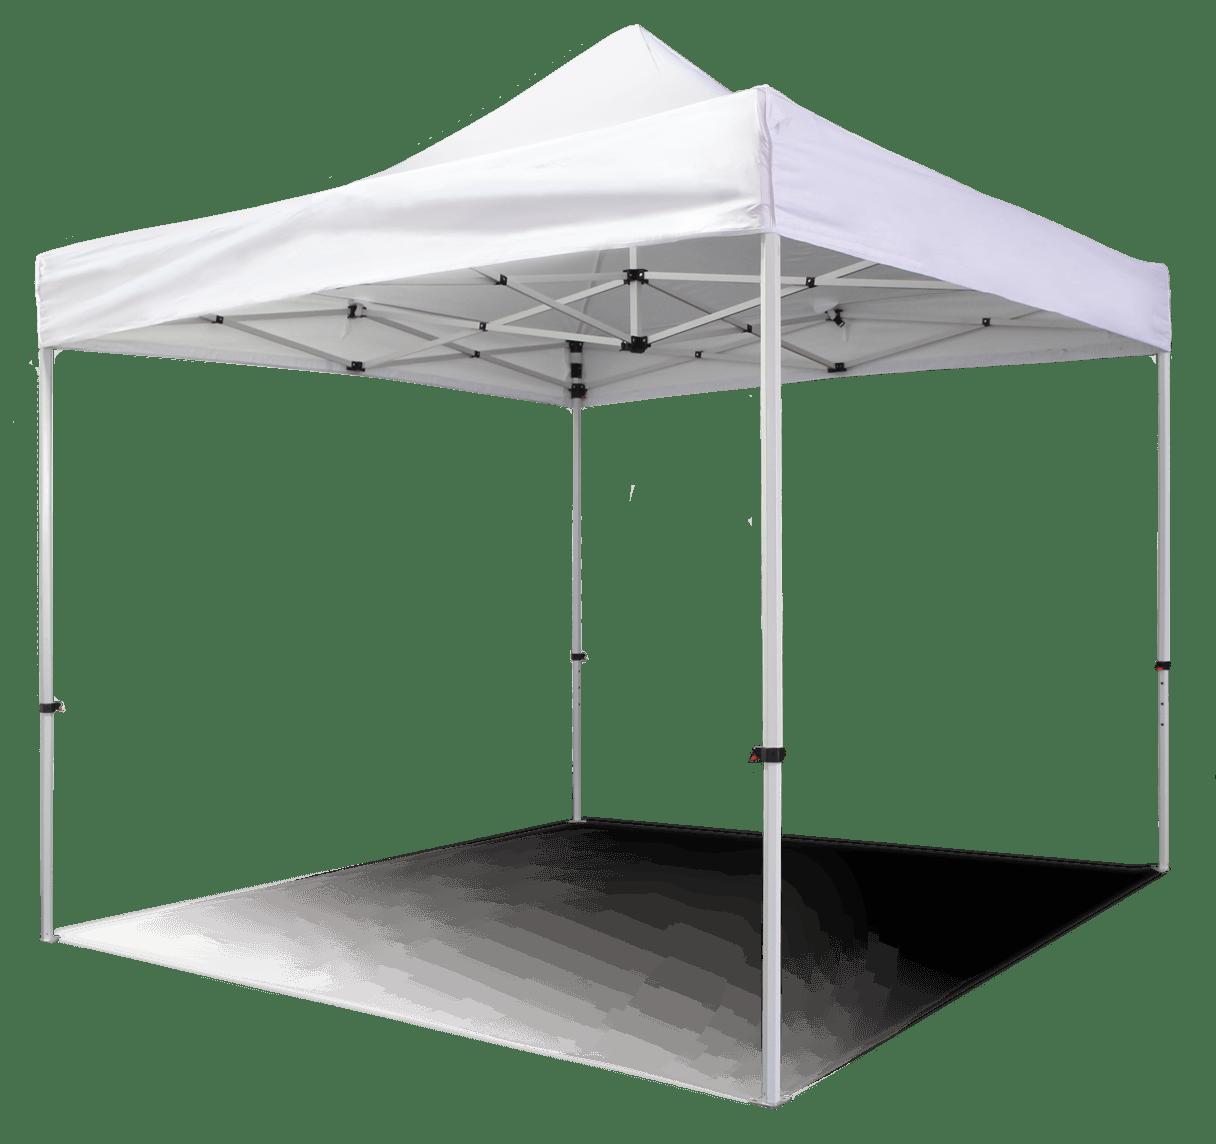 waterproof canopy